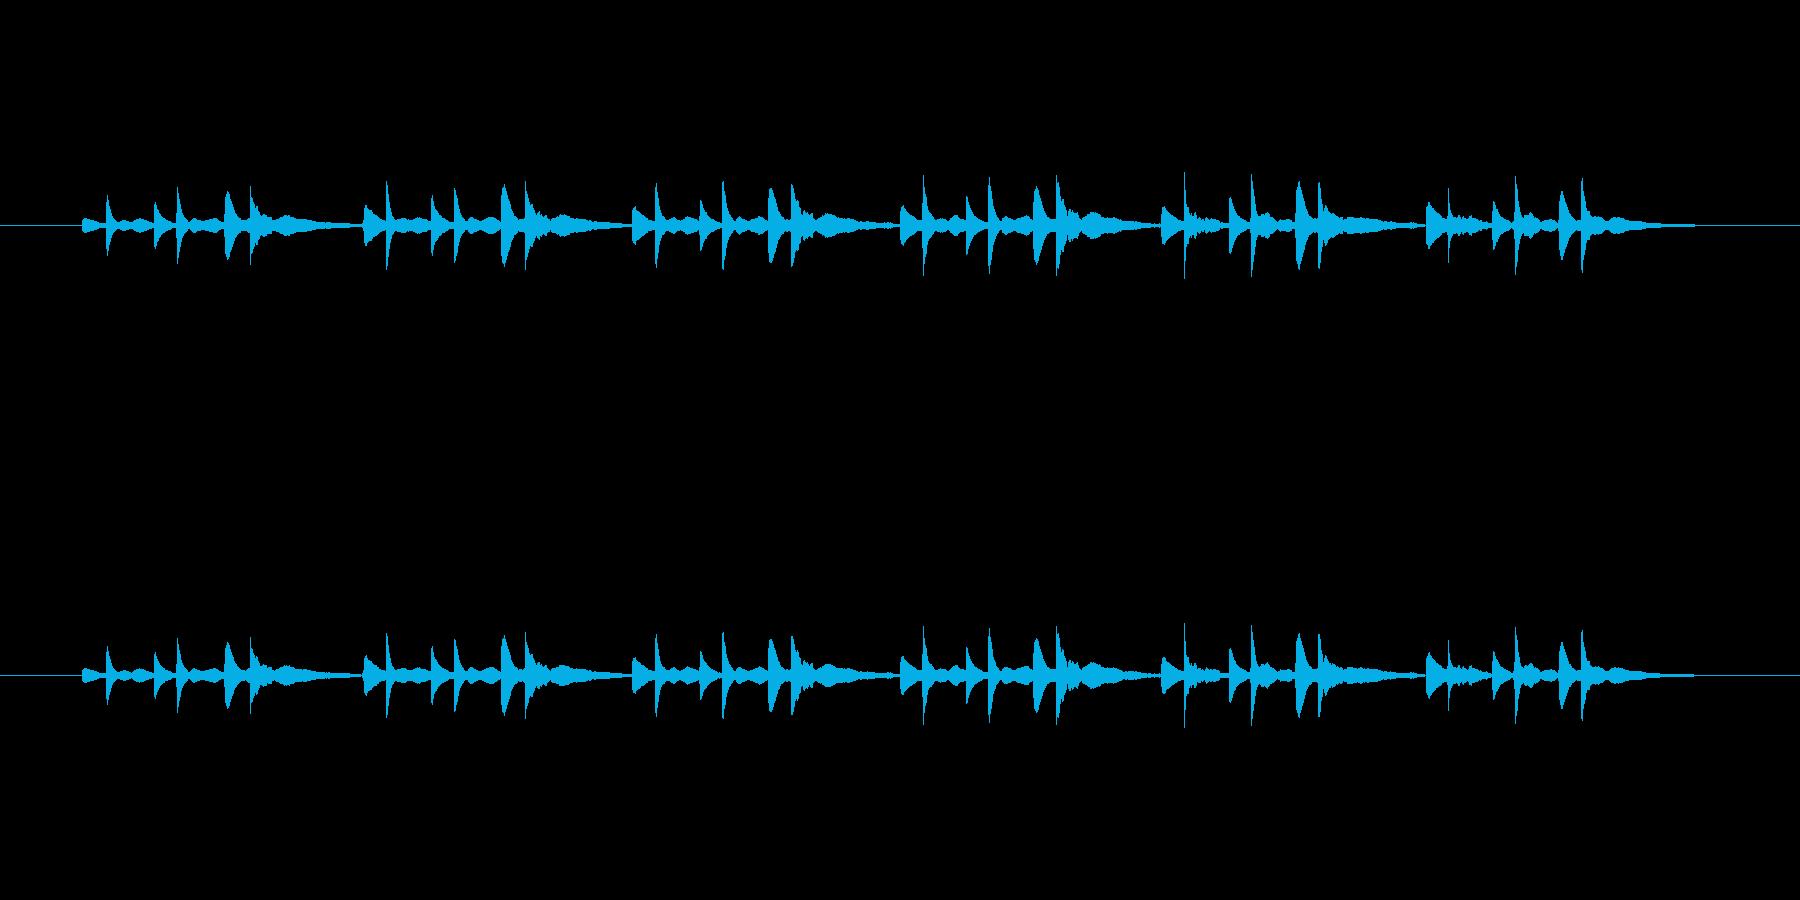 ピアノだけの曲です。の再生済みの波形